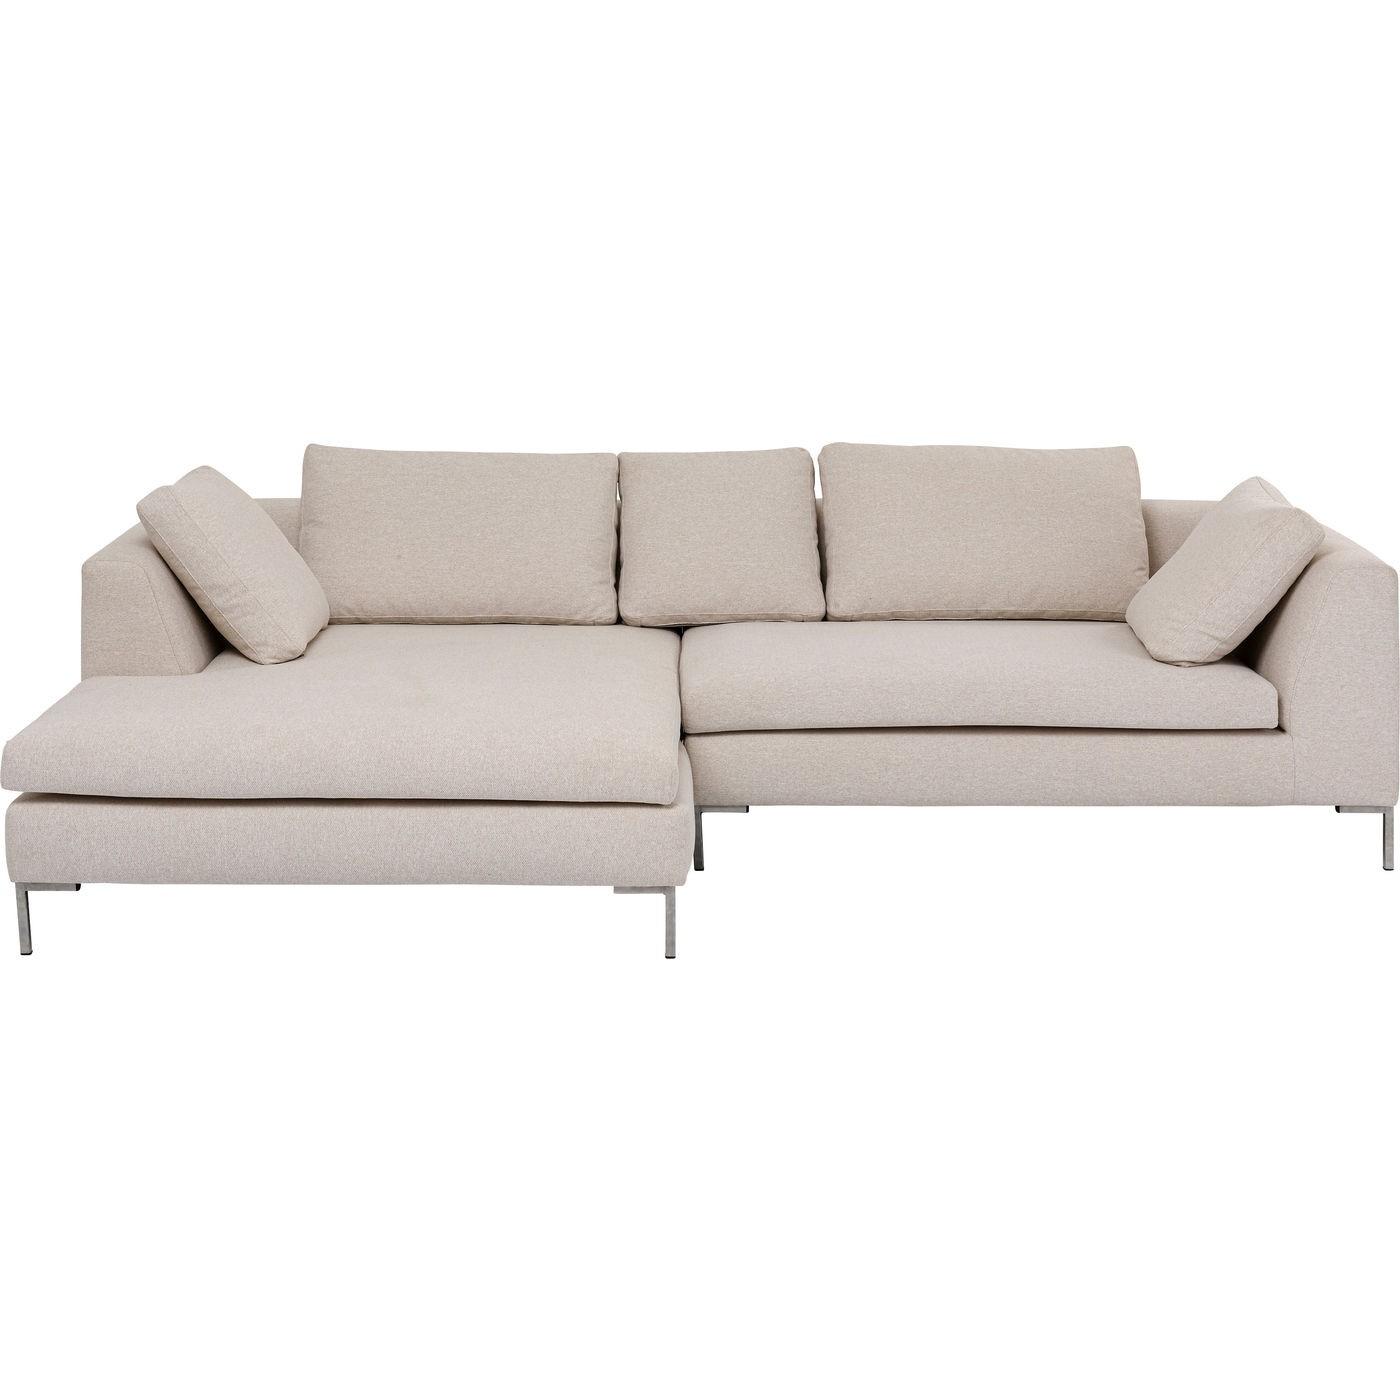 Canapé d'angle gauche 4 places en tissu crème